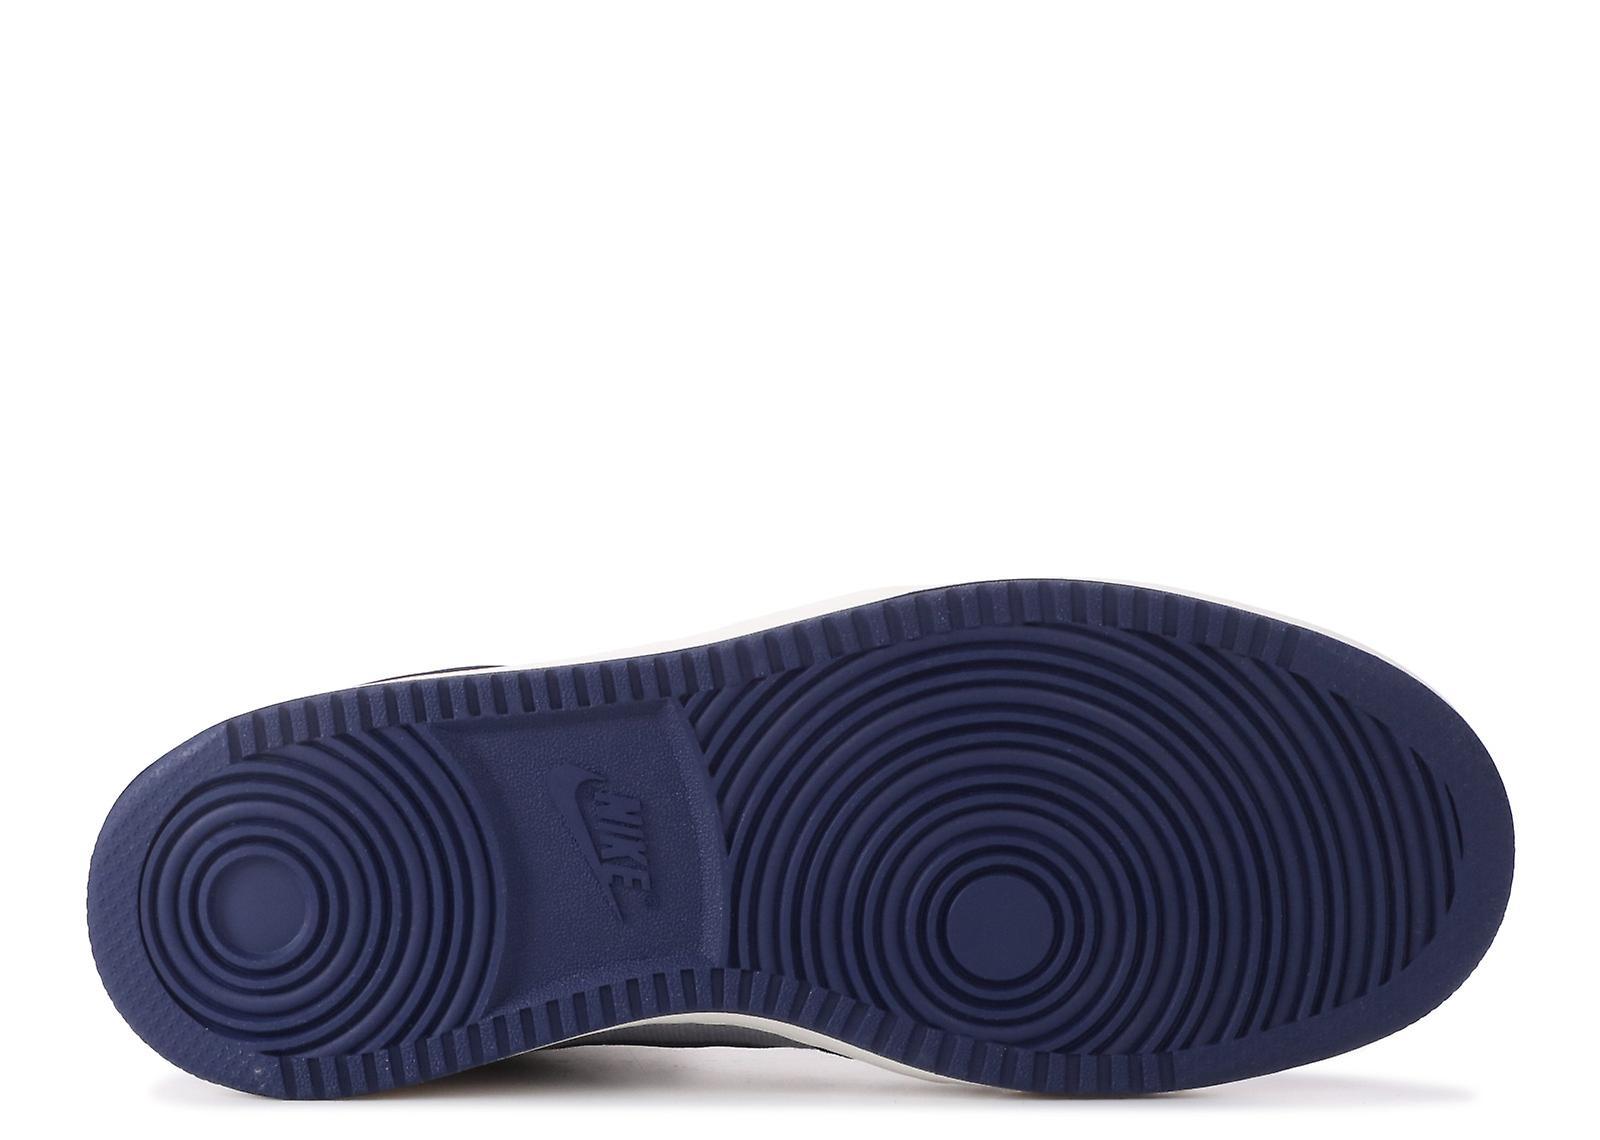 Aj1 Ko High Og  Rival Pack  - 655328-900 - Shoes  b187c5878